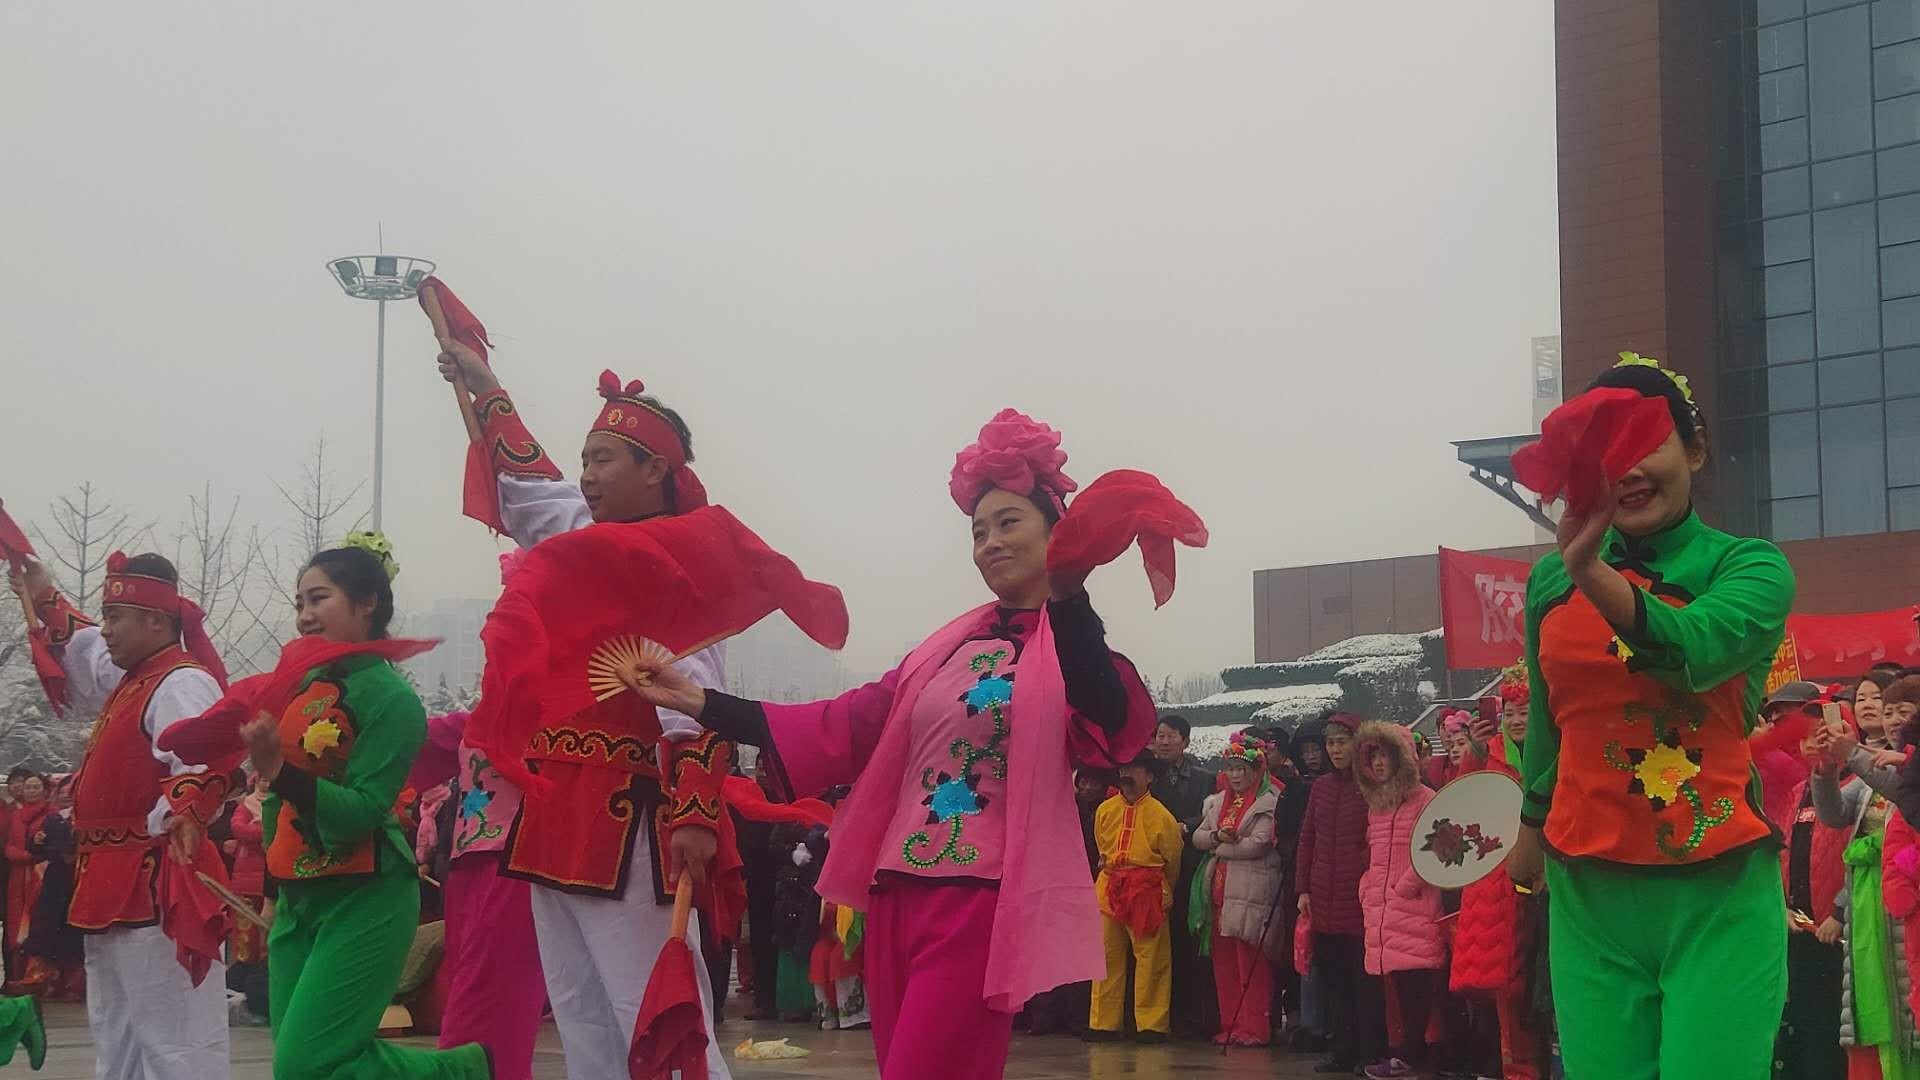 青岛胶州:扭起秧歌贺新春